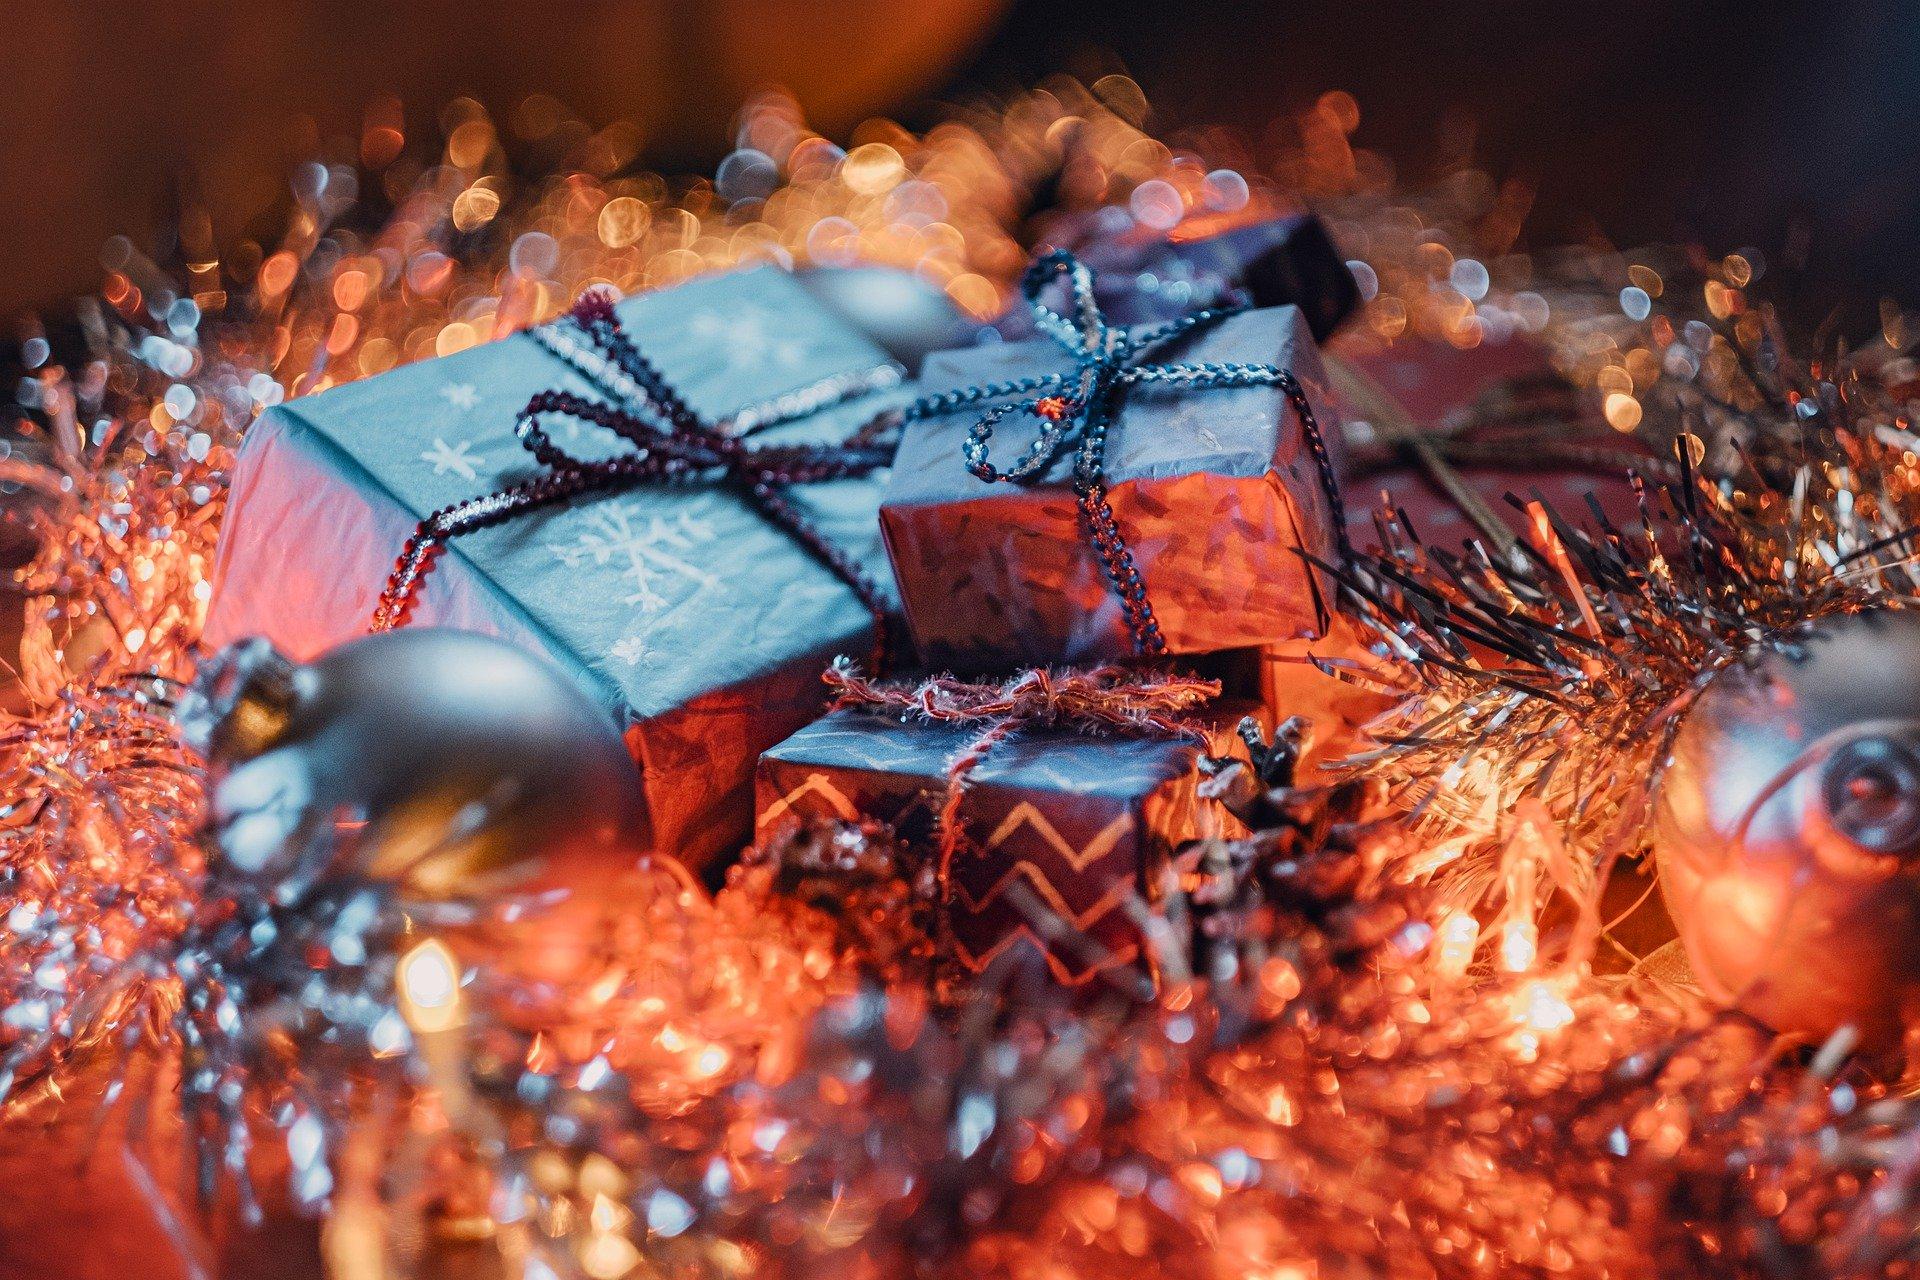 Unos regalos relucientes entre adornos navideños.